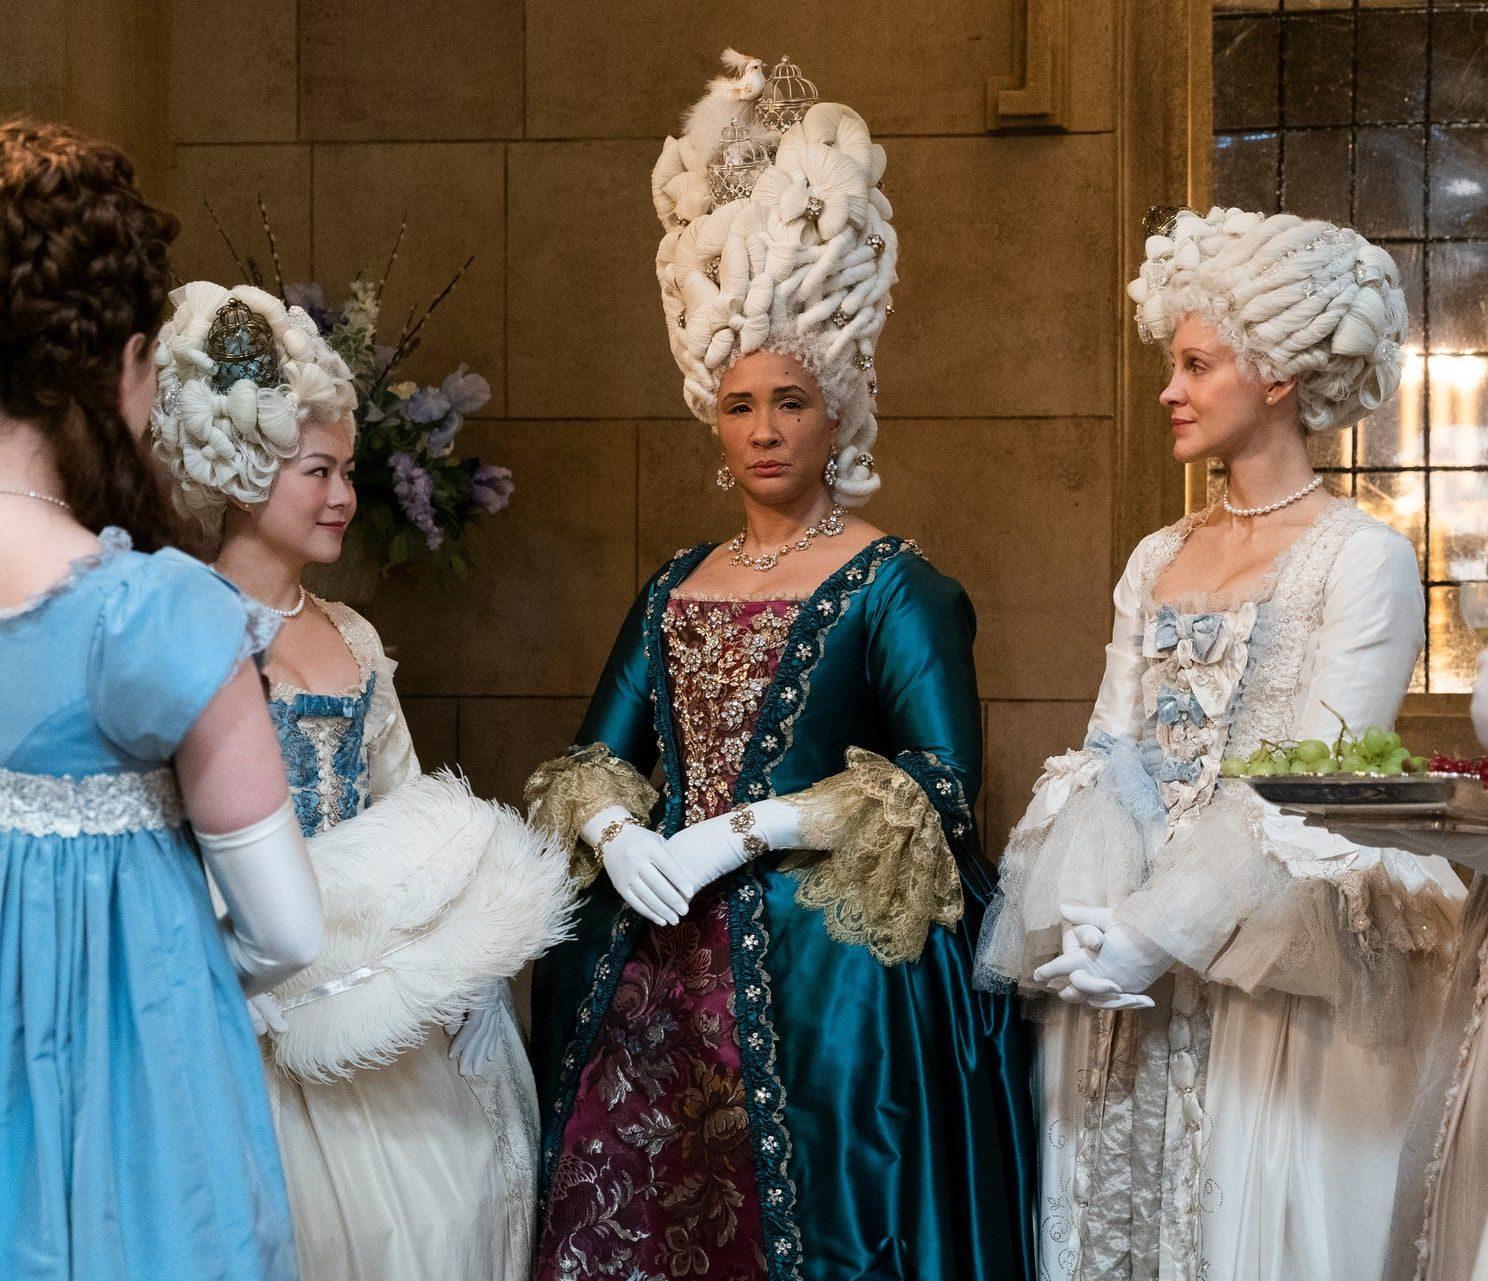 bridgerton queen charlotte liam daniel netflix 1610136156 e1610534016275 Bridgerton Actors And Their Real-Life Partners